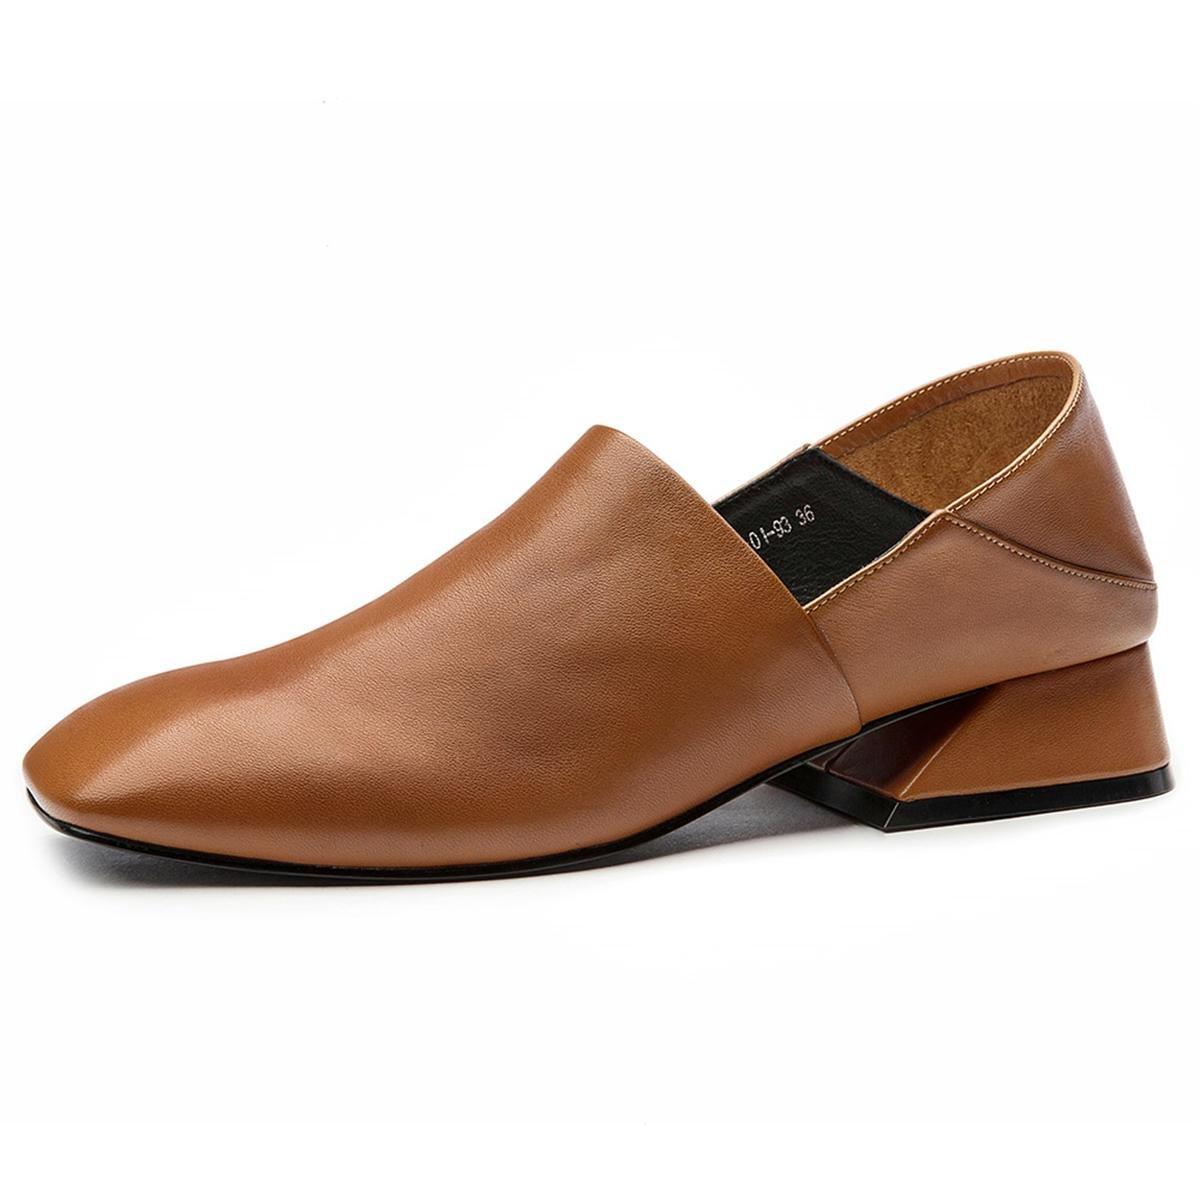 Damen Neue Mode Einzel Schuhe Lazy Half Pantoffeln Retro Rough Mid Heel Runde Kopf Echtes Leder Anti-Rutsch Dämpfung Herbst Winter Work Party